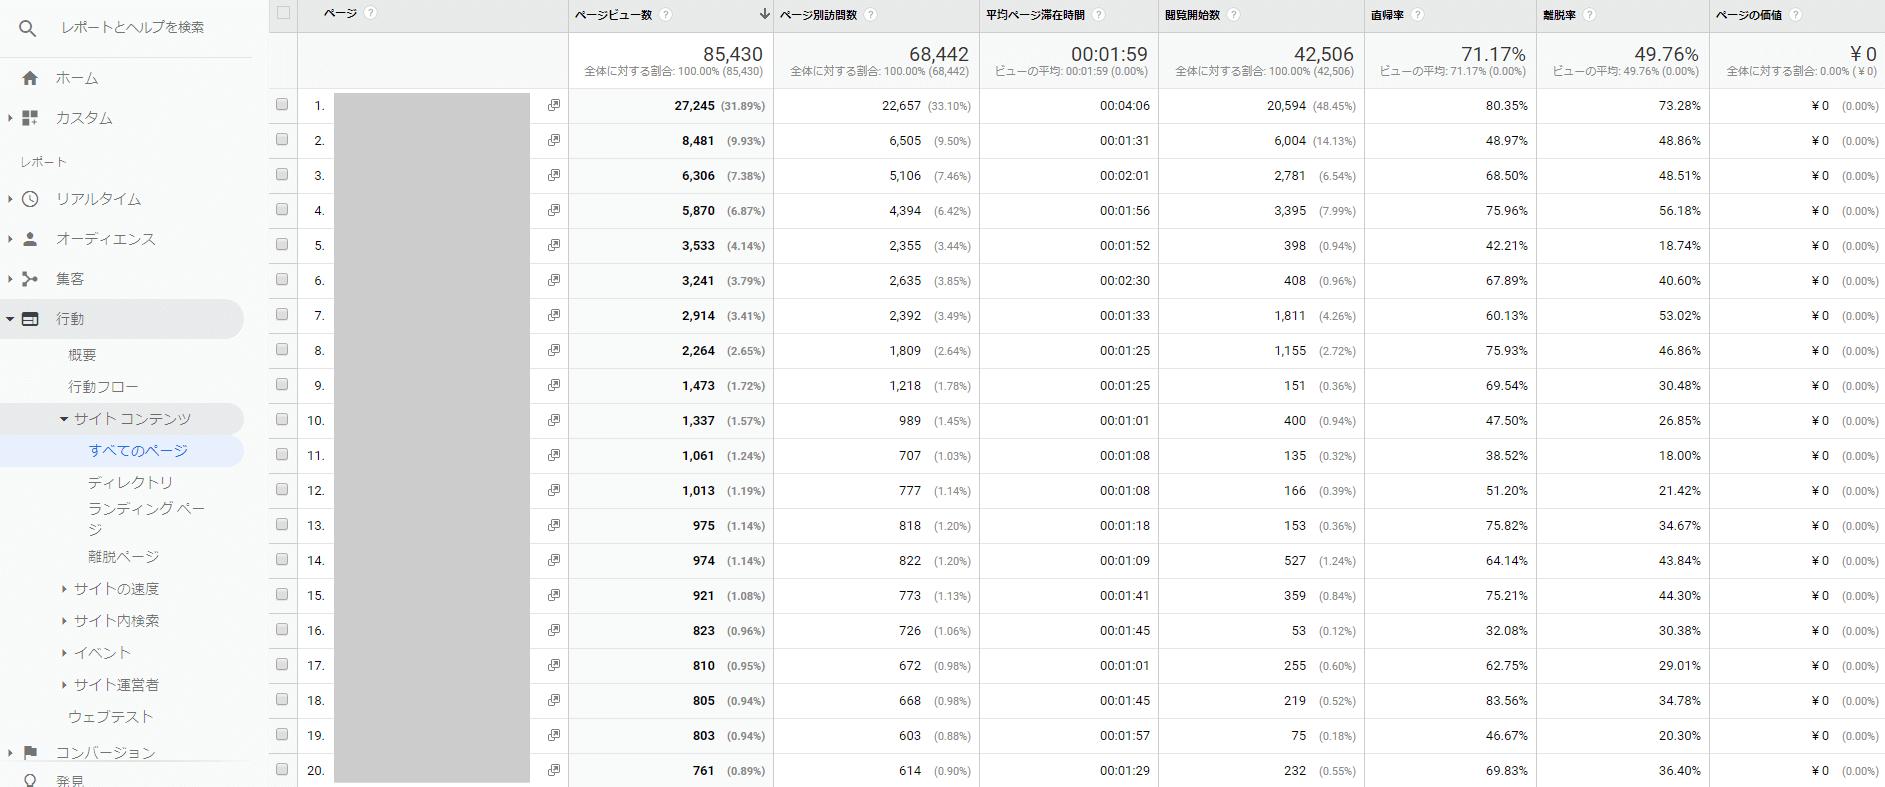 アナリティクスのページビュー数